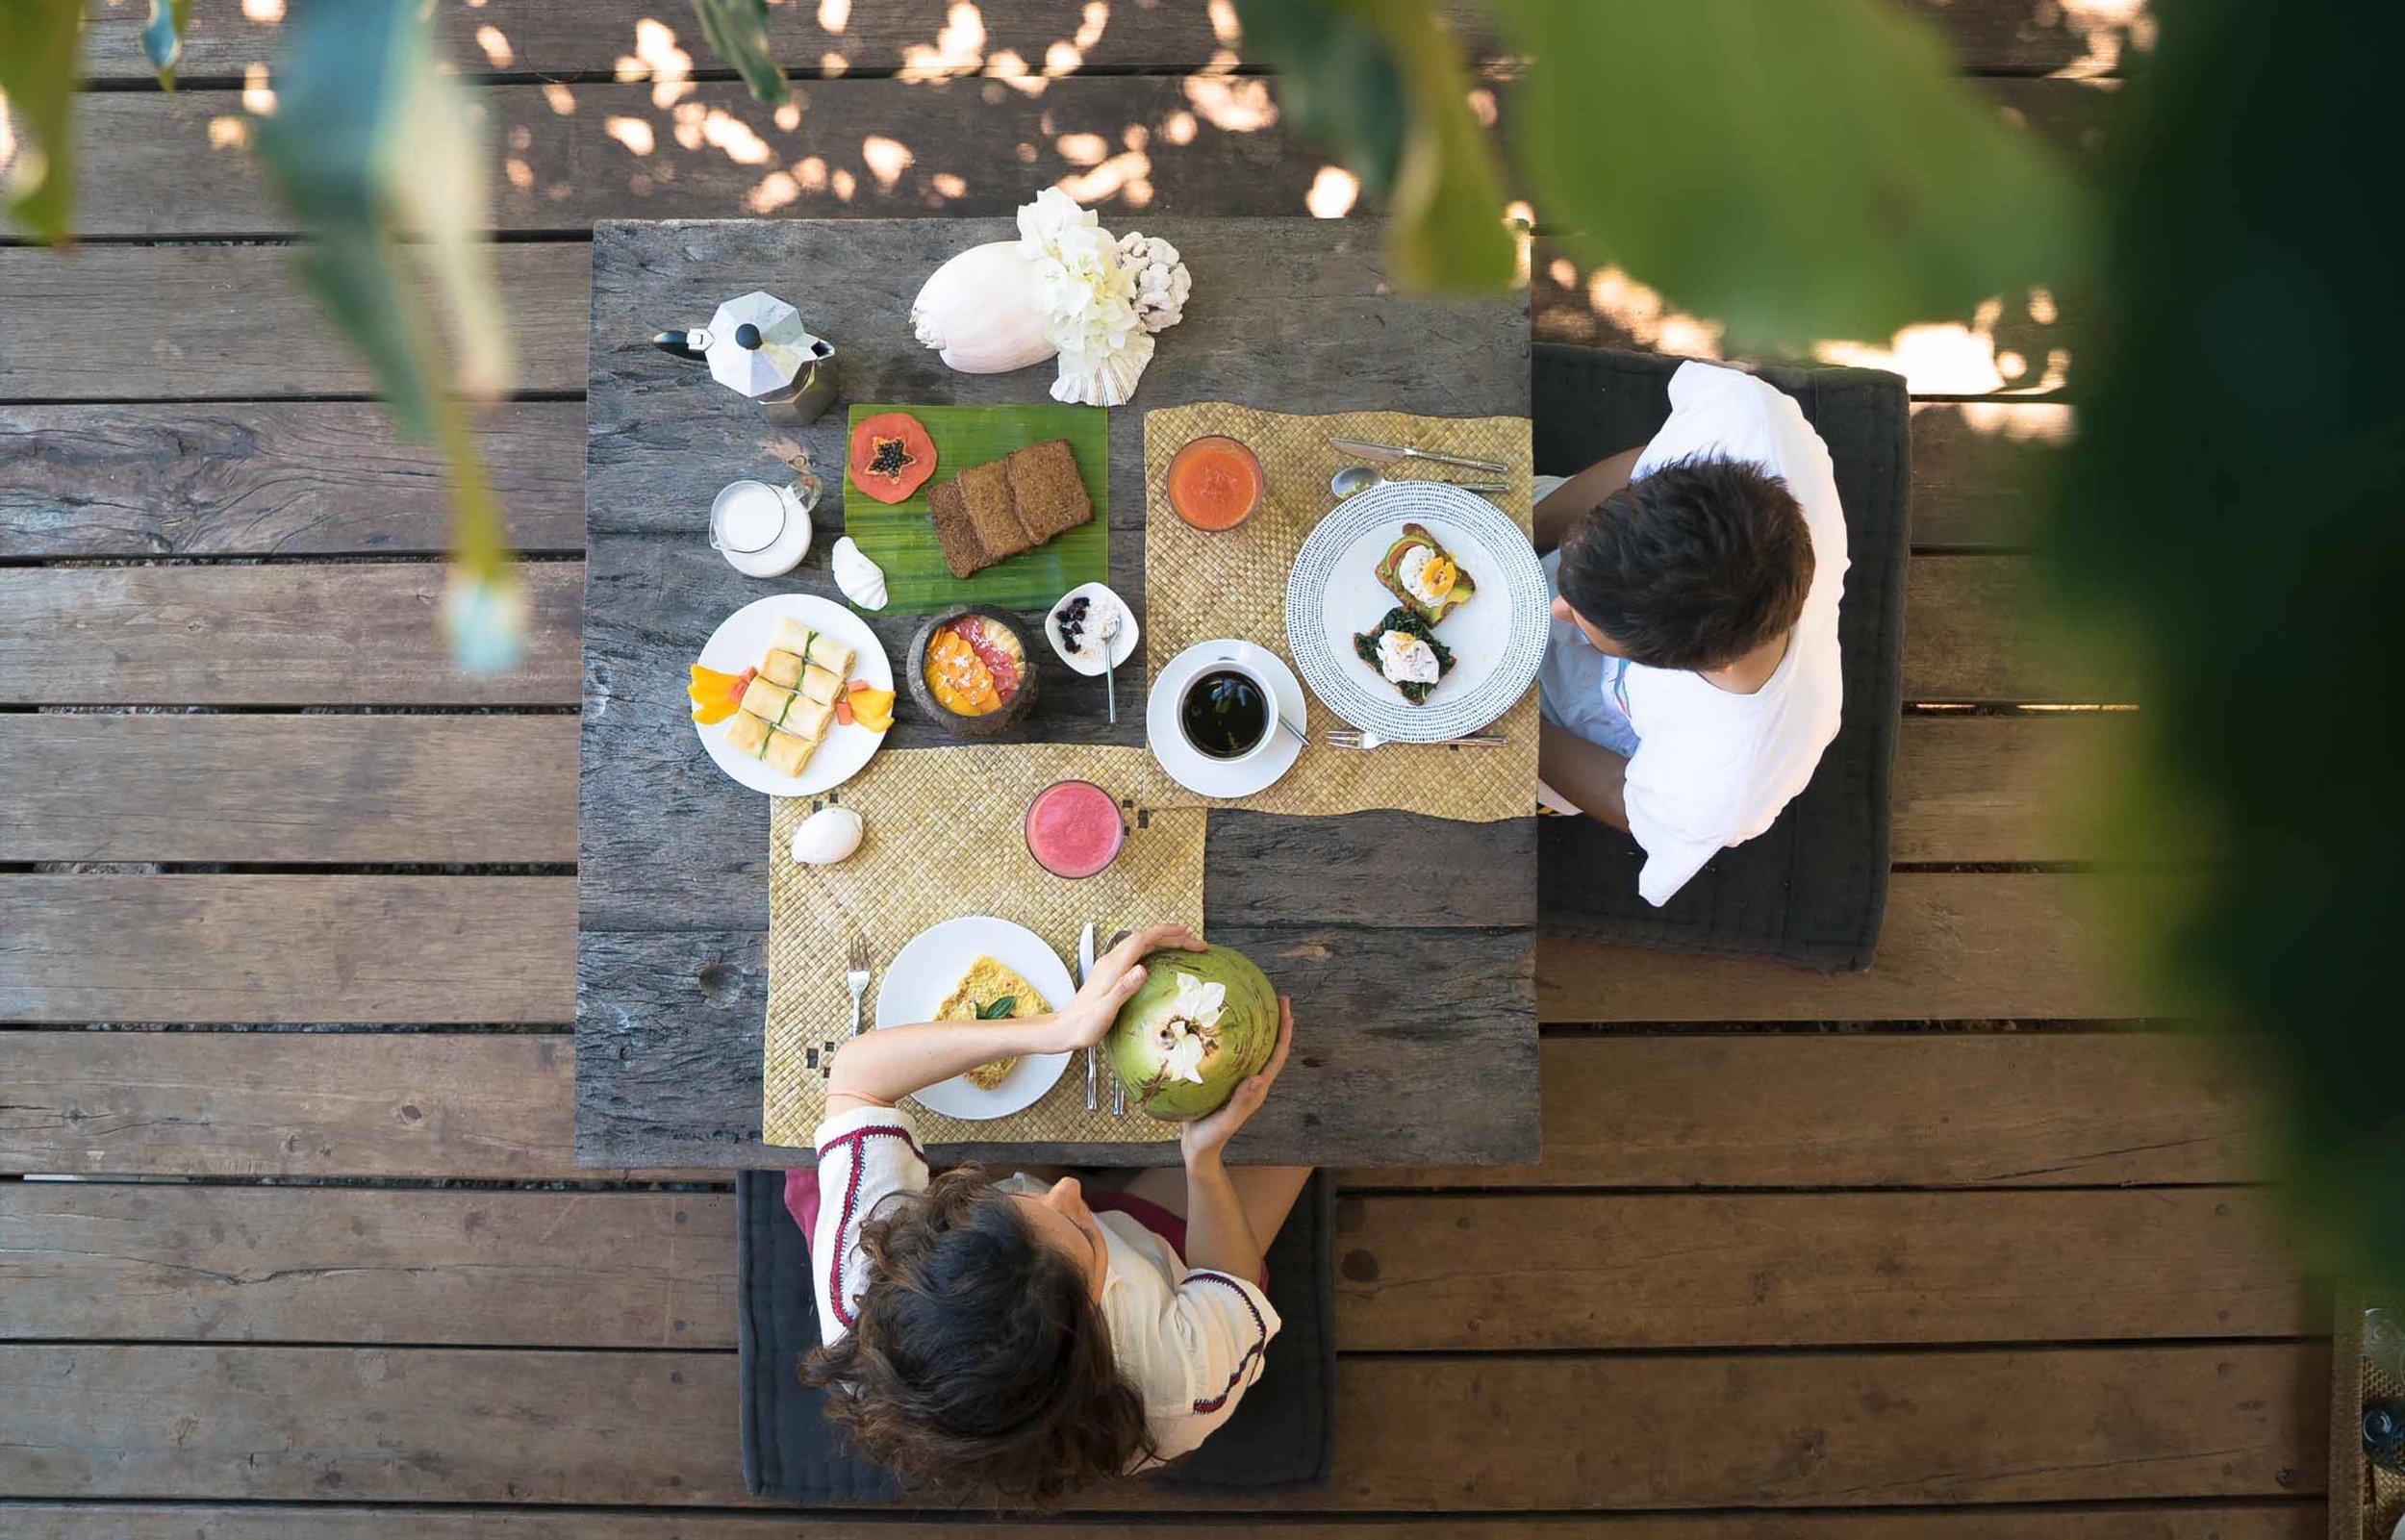 Morning routine, breakfast in  Boa Vida